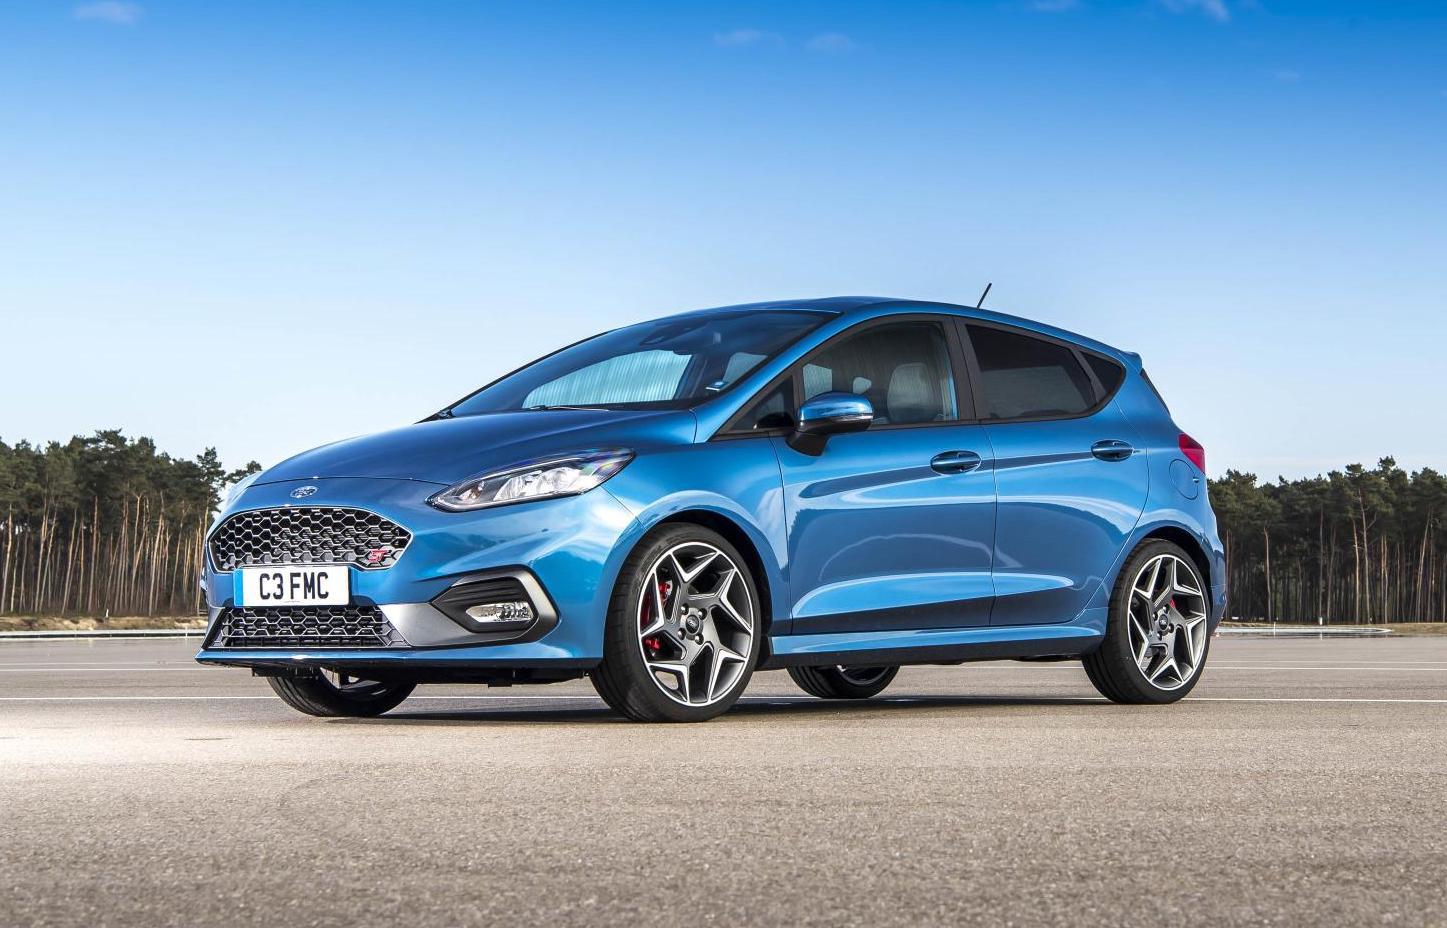 2019-Ford-Fiesta-ST